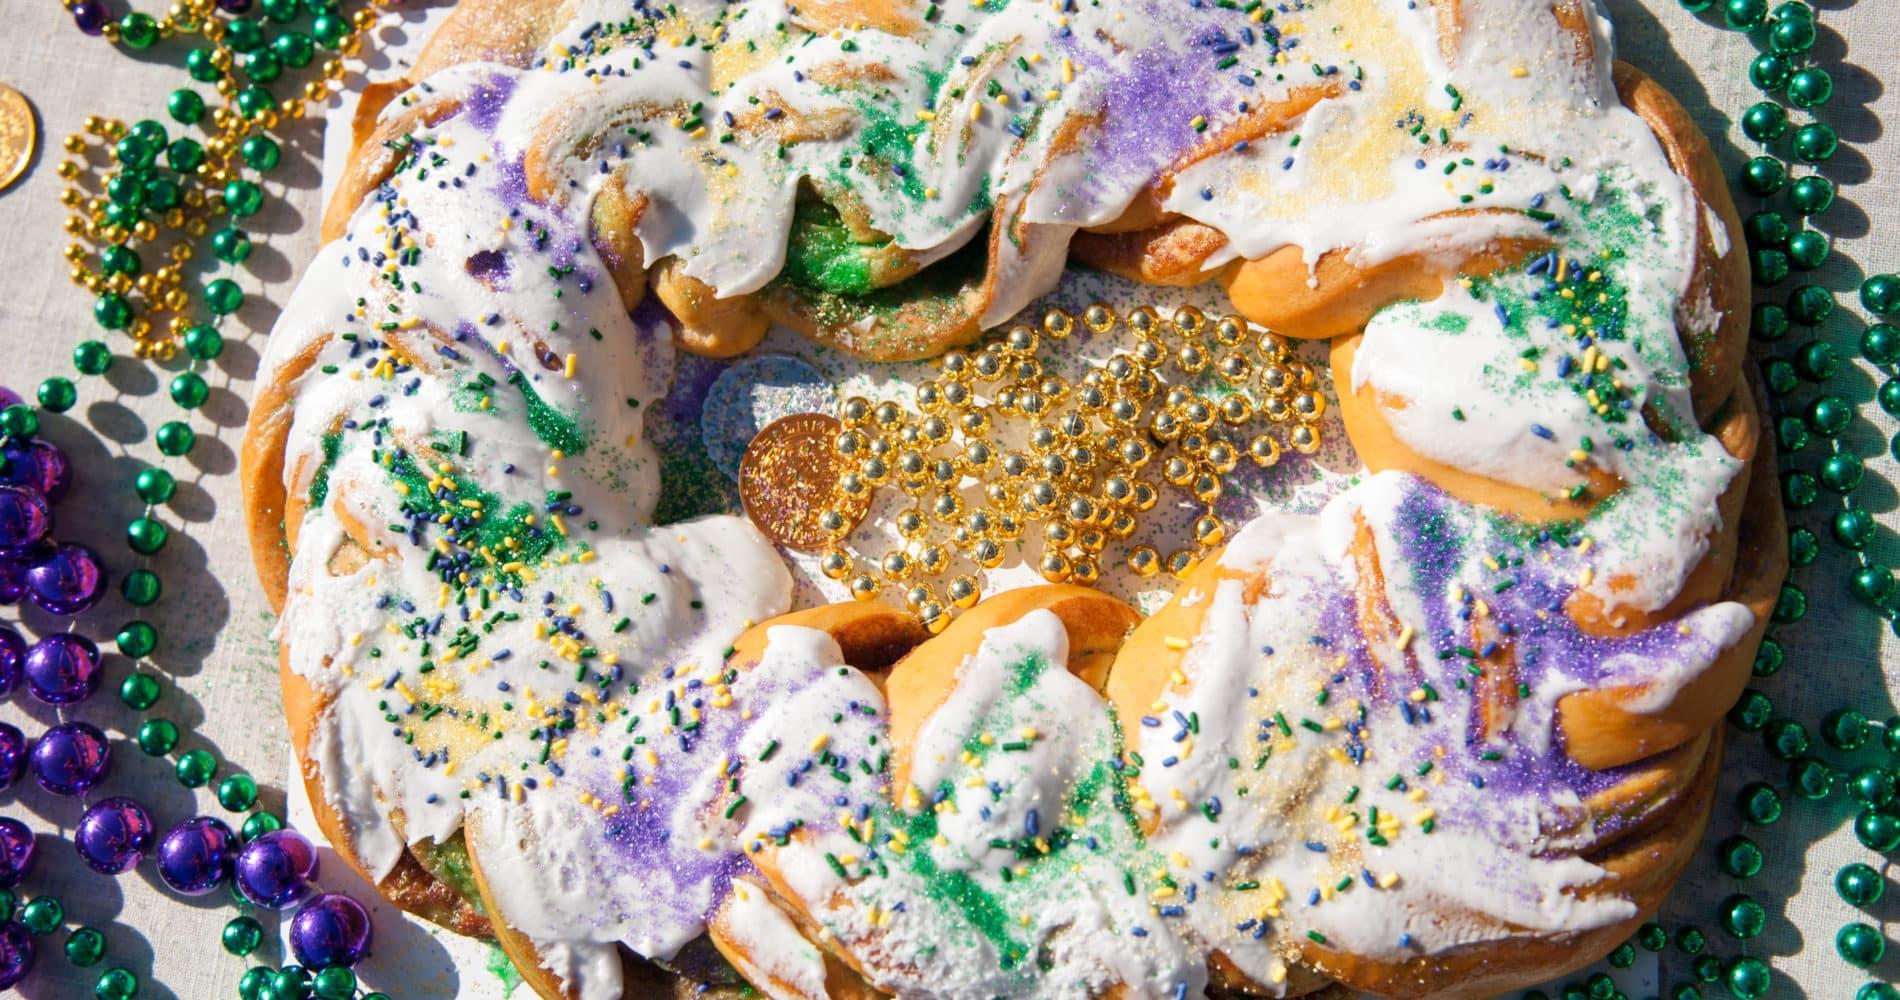 Http Www Epicurious Com Recipes Food Views King Cake